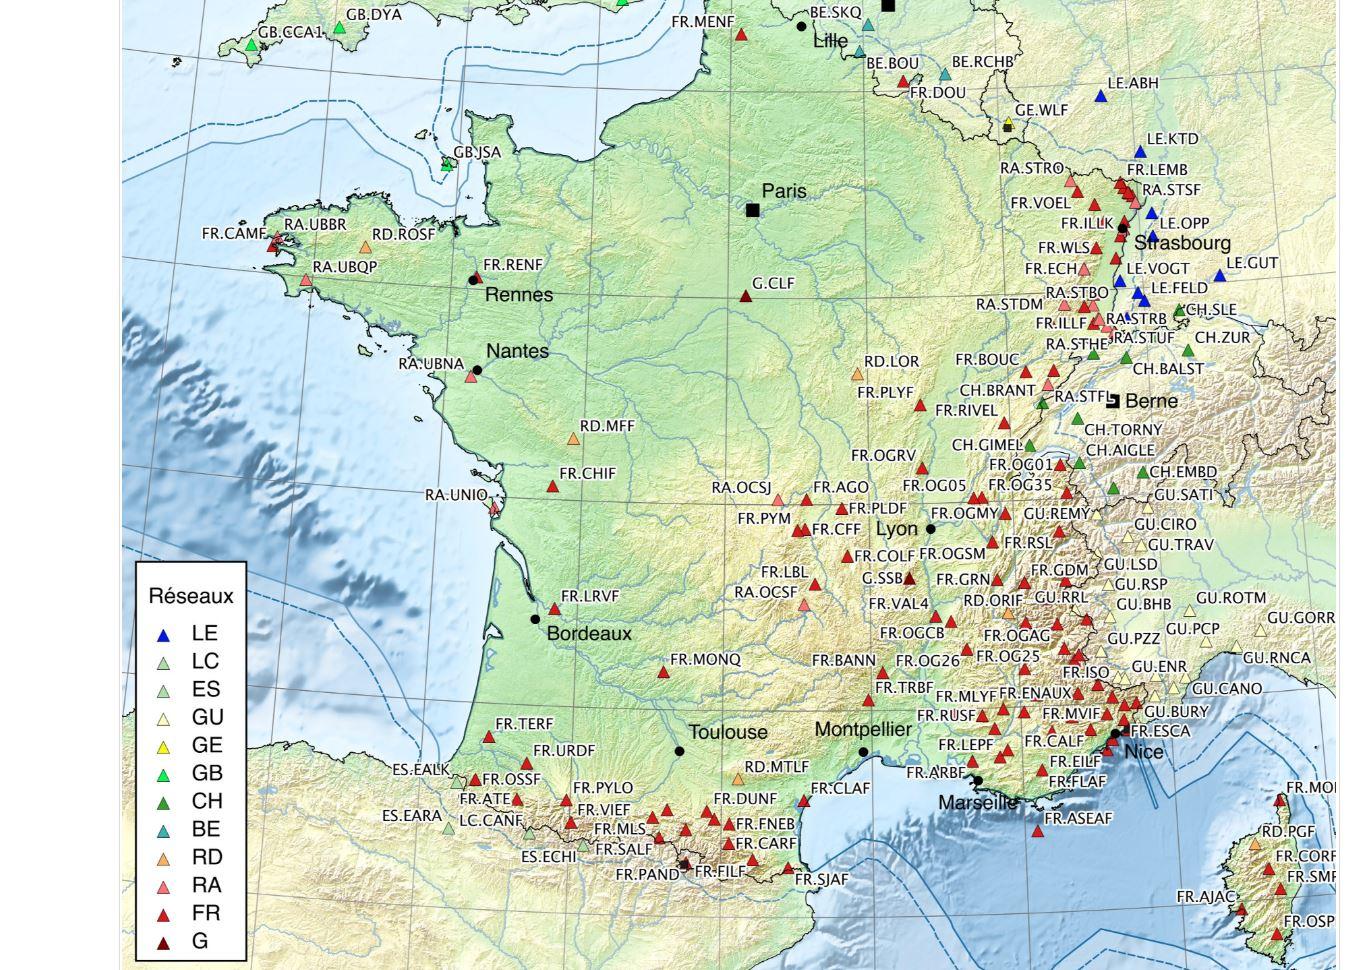 Les sismographes sur le territoire français